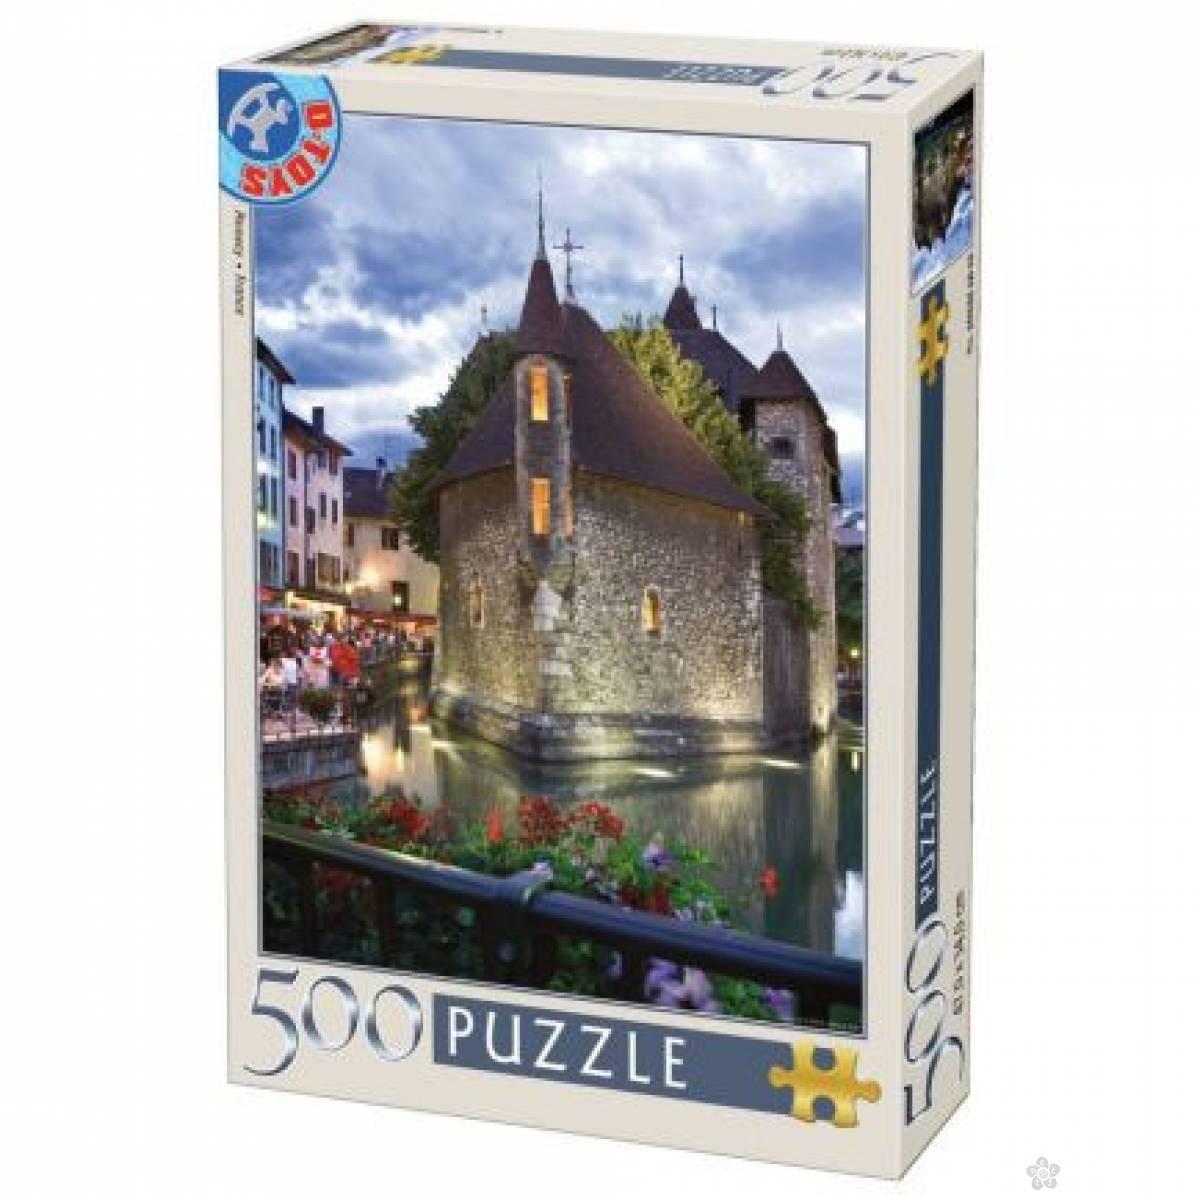 Puzzla Landscapes 500pcs 07/50328-33